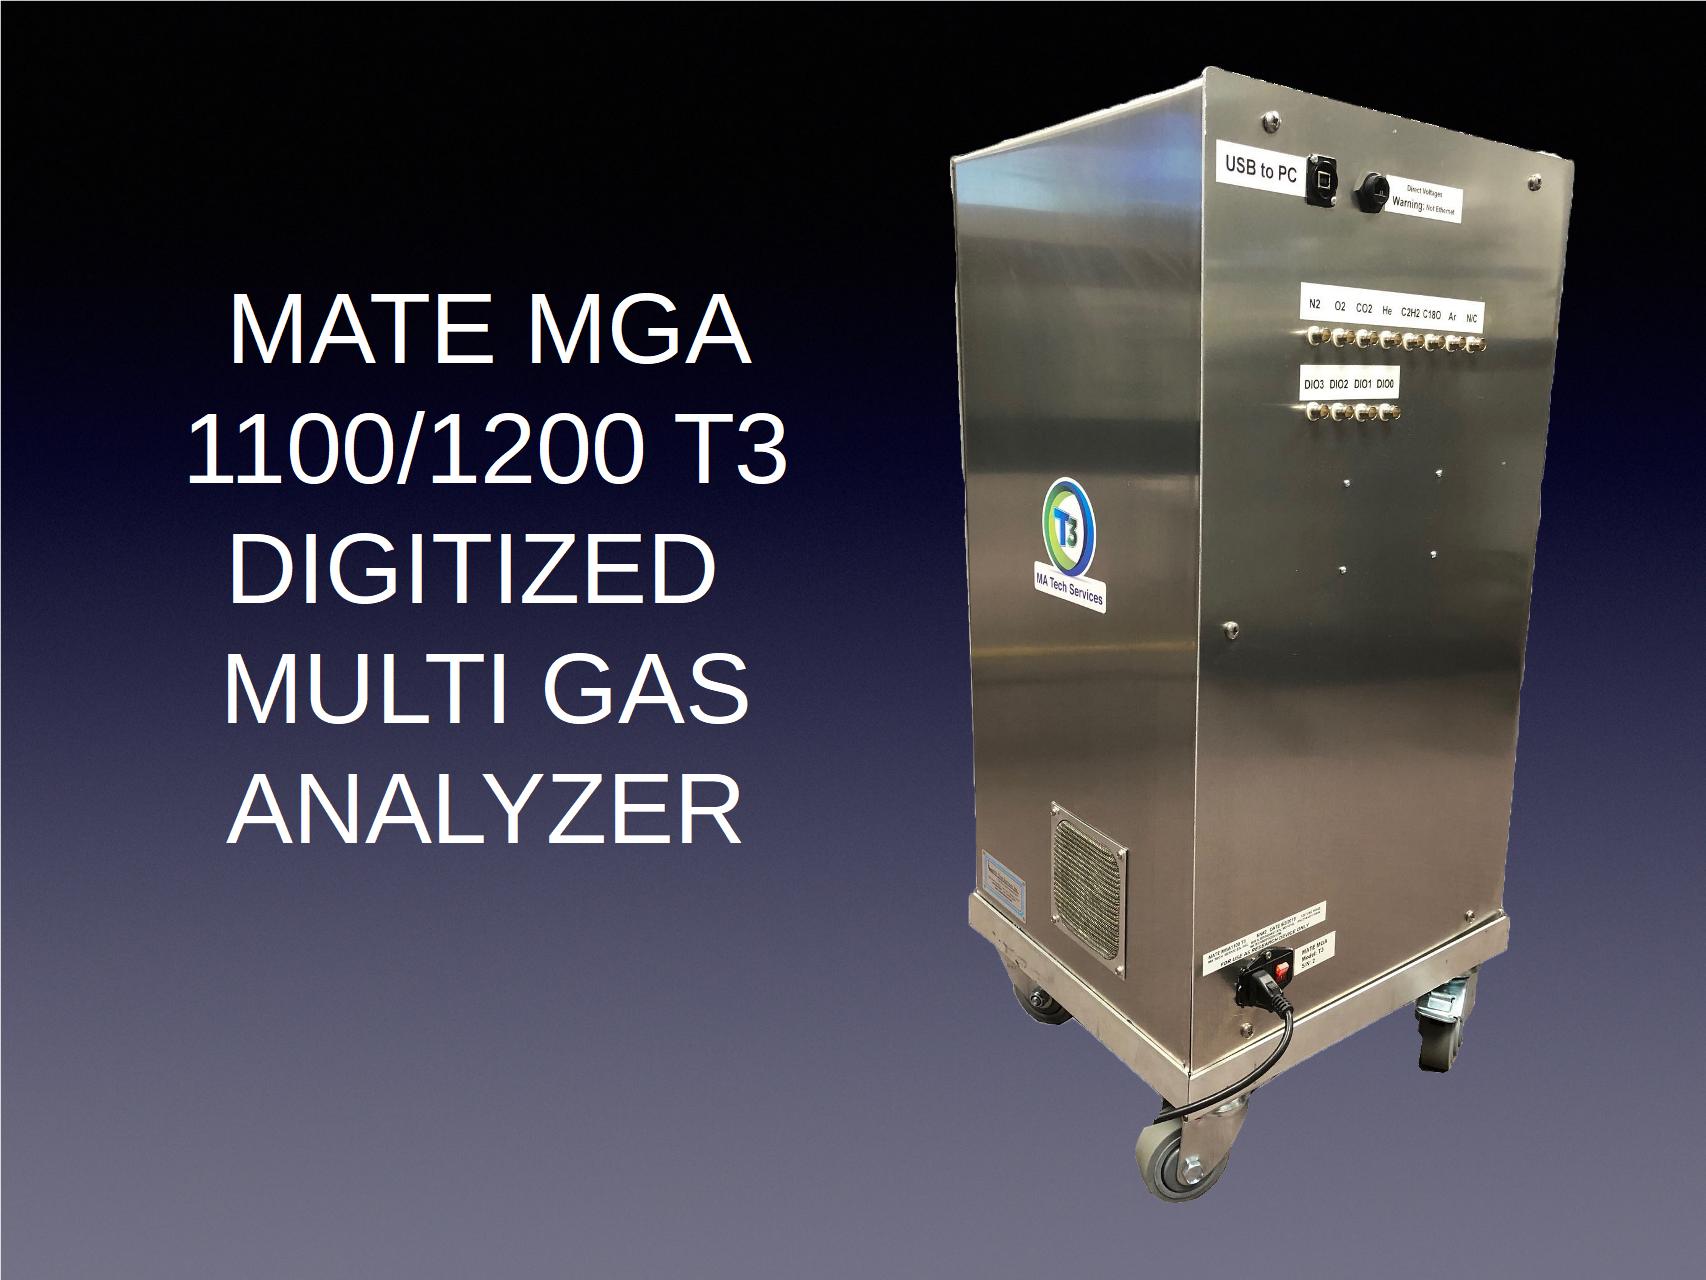 MATE MGA 1100 T3